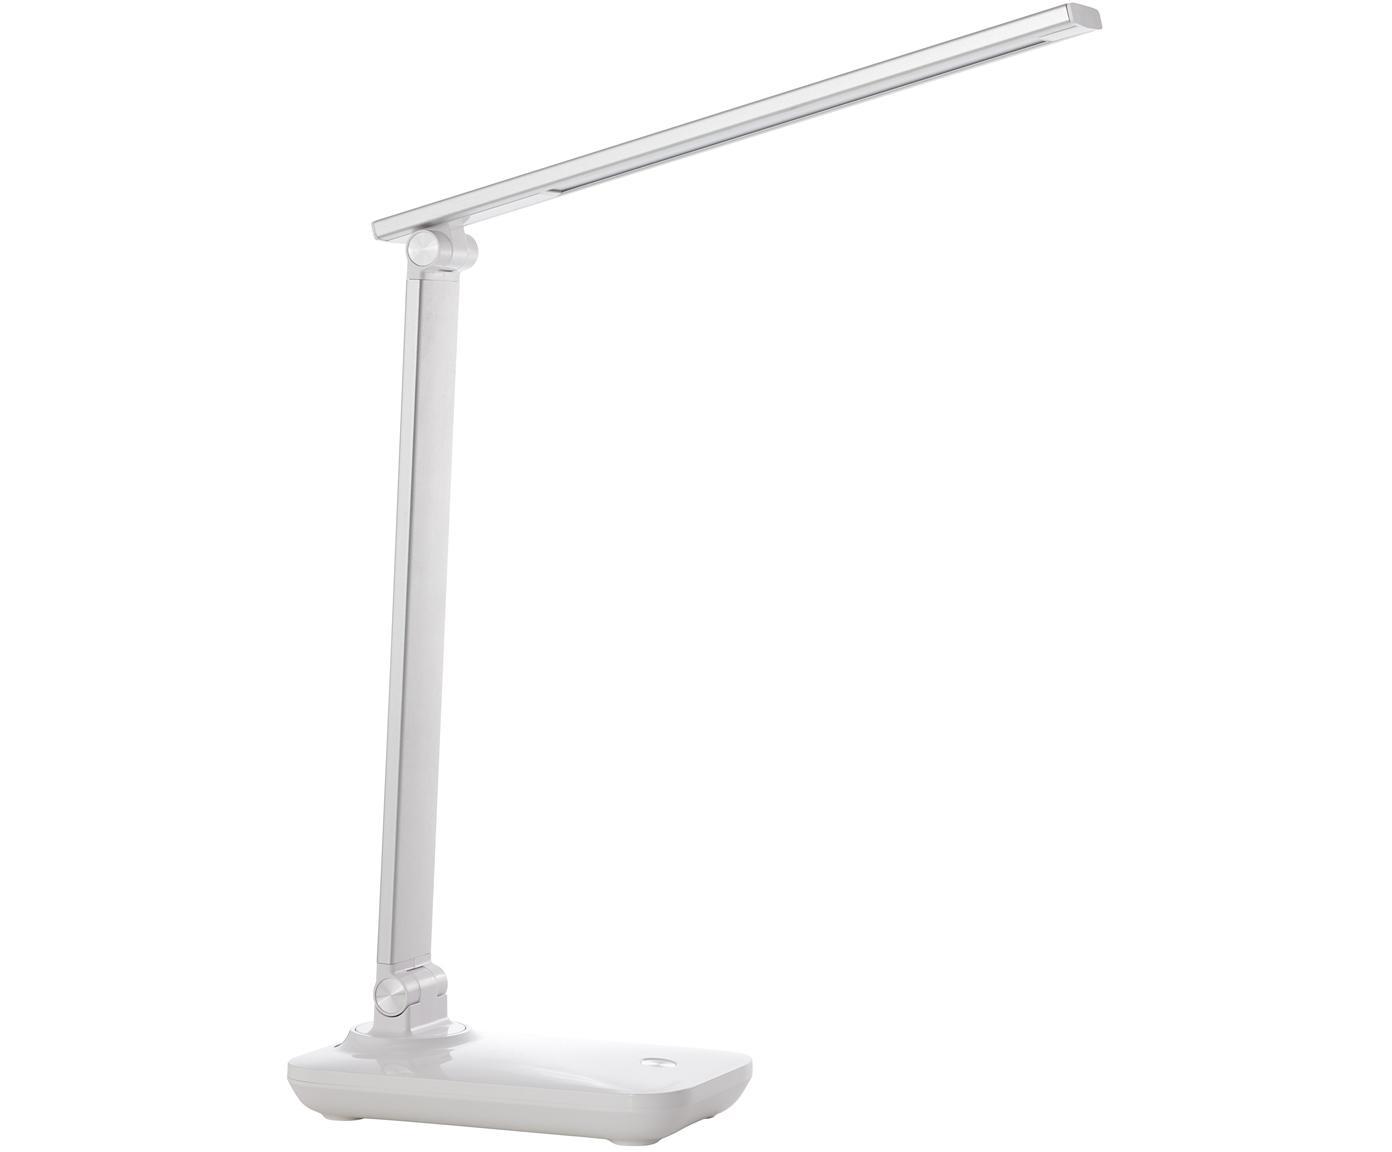 Lampa stołowa LED z funkcją przyciemniania Leonora, Biały, odcienie srebrnego, S 10 x W 36 cm